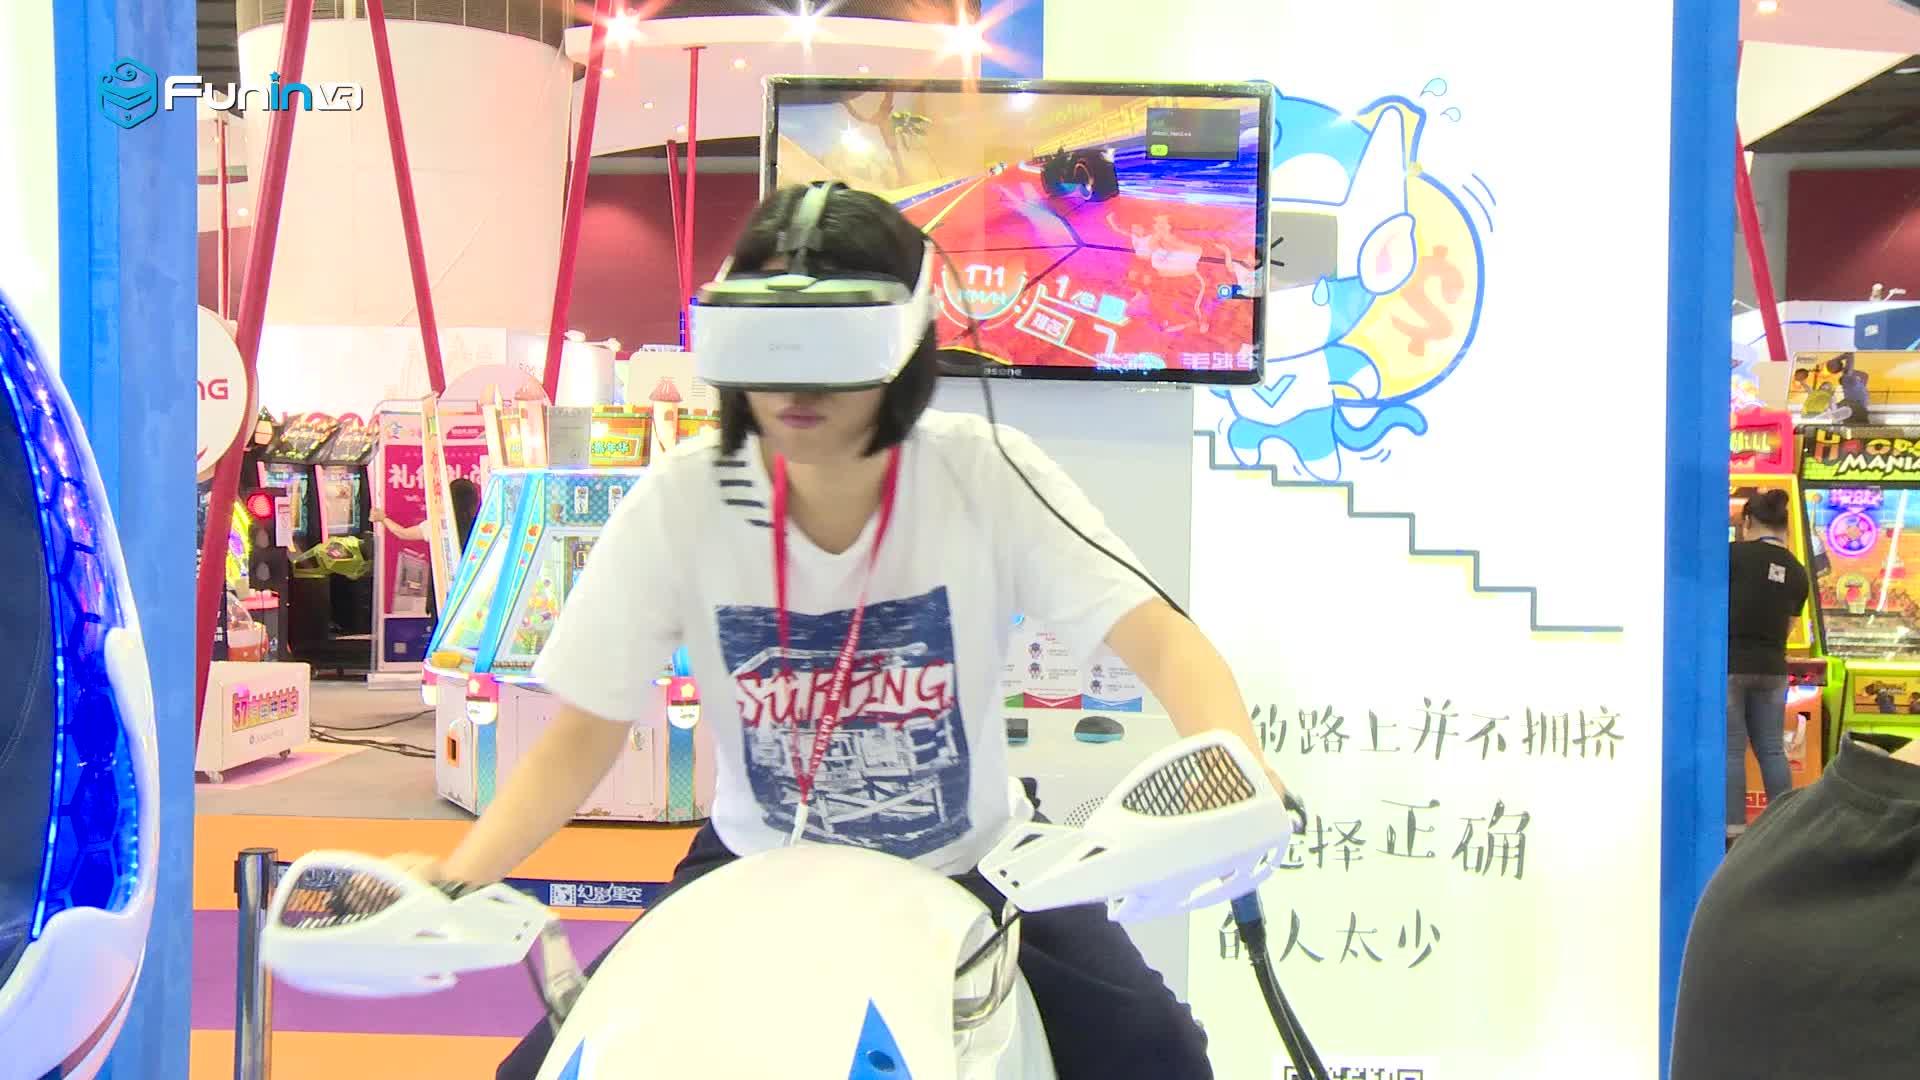 Zhuoyuan funinvr ISO 9001 fabriek 9d vr game VR racing moto hot vr park simulator